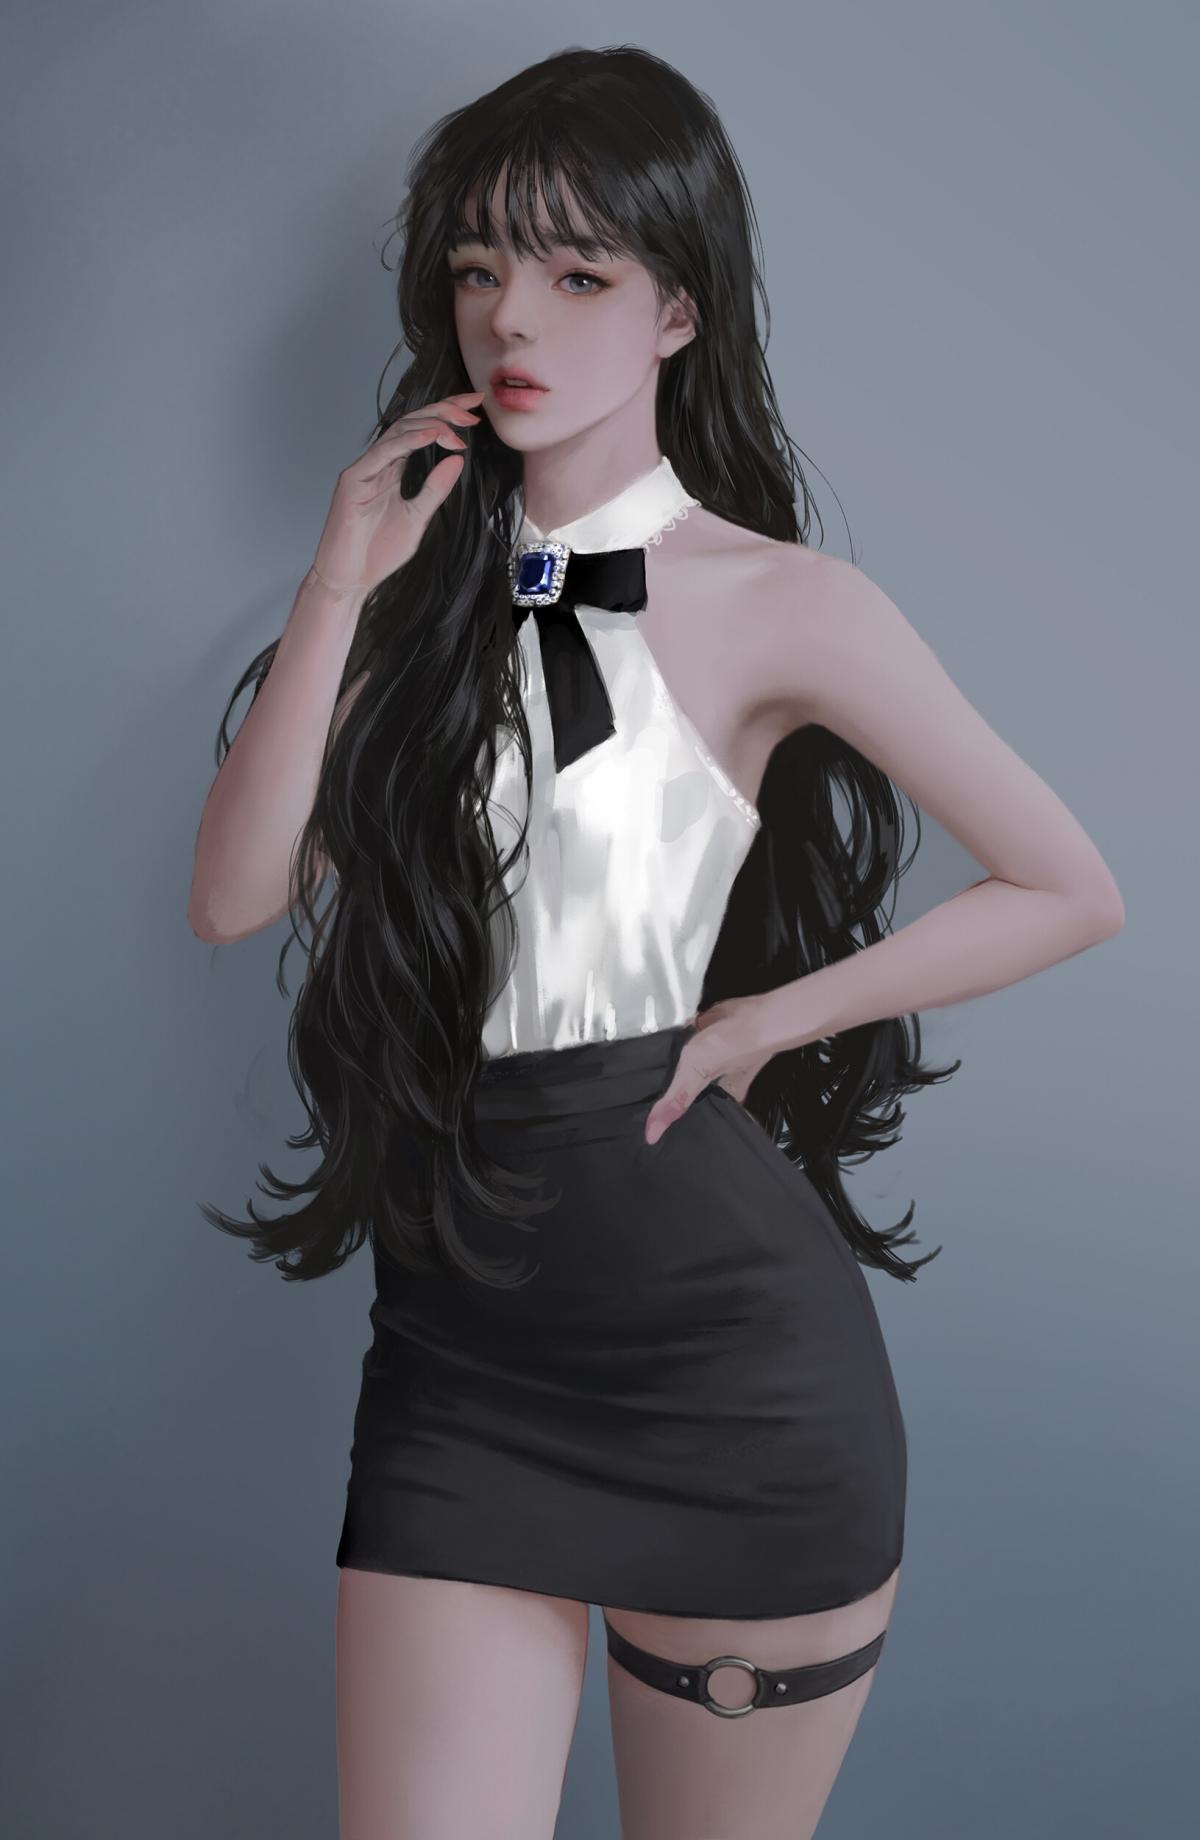 长卷发波浪美女 黑色短裙 人物绘画全面屏手机壁纸